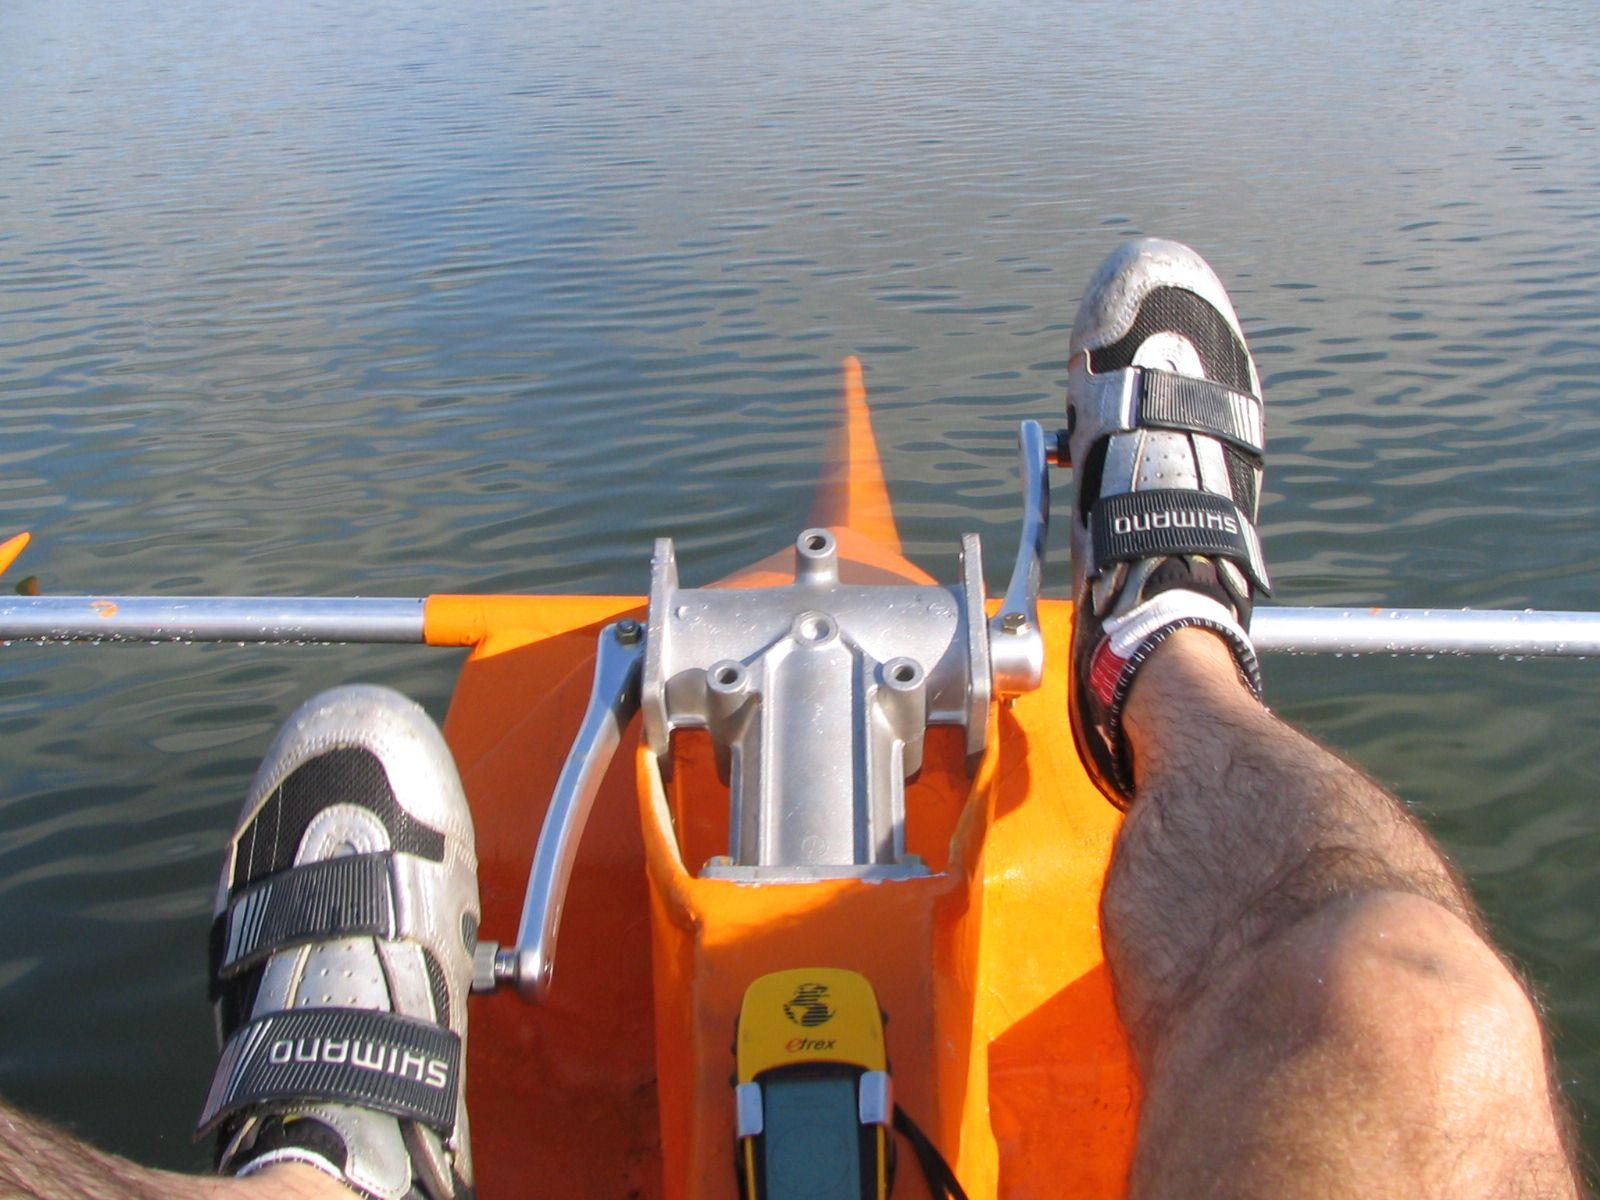 Diy Pedal Powered Kayak Cerca Con Google Kayaking Pinterest Battery Wiring Diagram Hobie